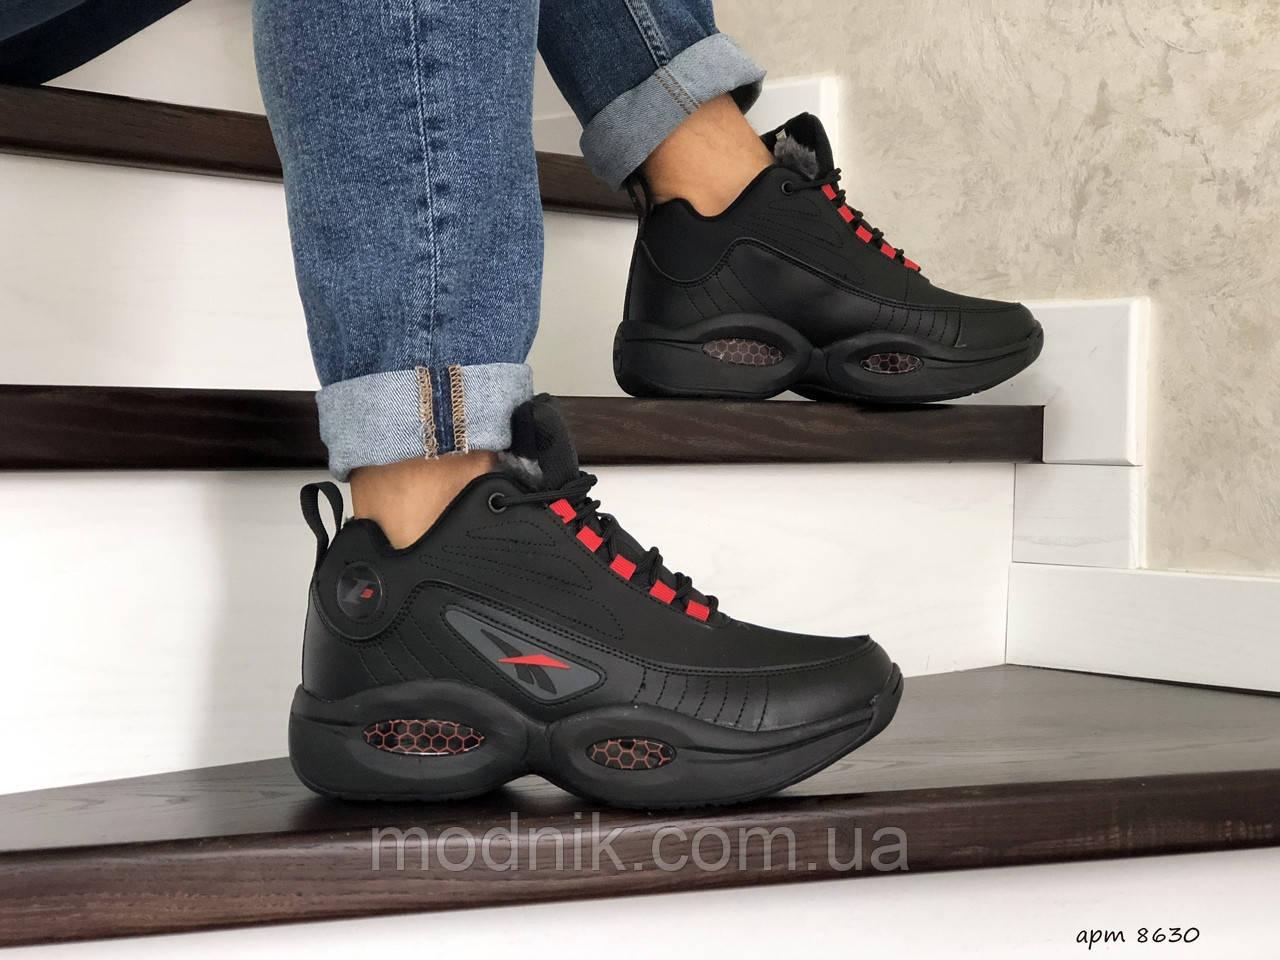 Мужские зимние кроссовки Reebok I3 (черно-красные)